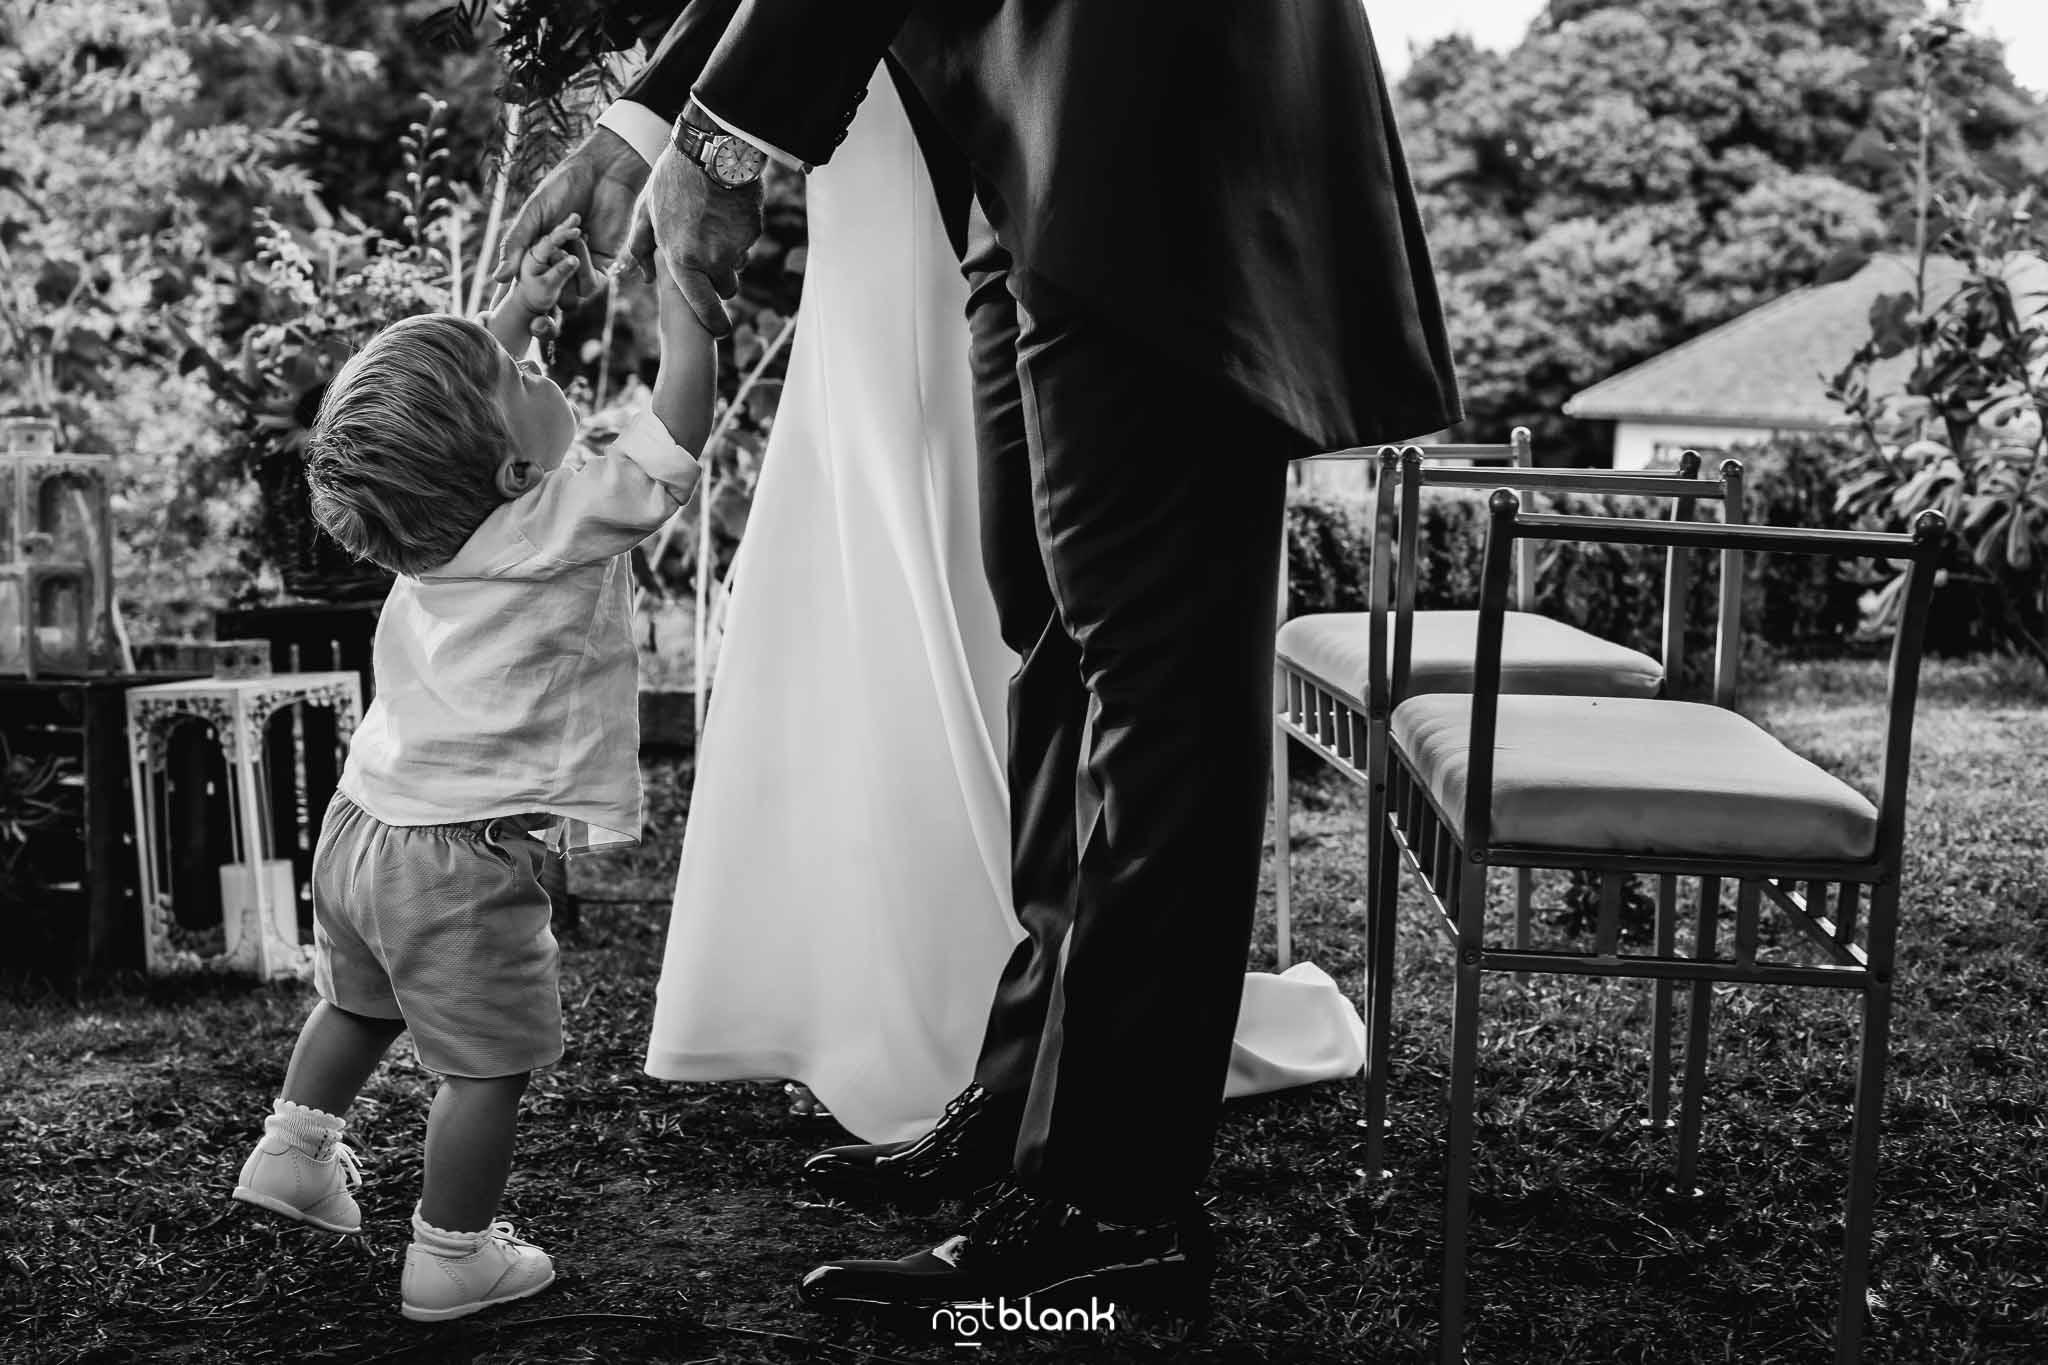 Boda En El Jardin De Casa Jana y Fran - El hijo pequeño de los novios se acerca a ellos durante la ceremonia civil - Notblank Fotografos de boda